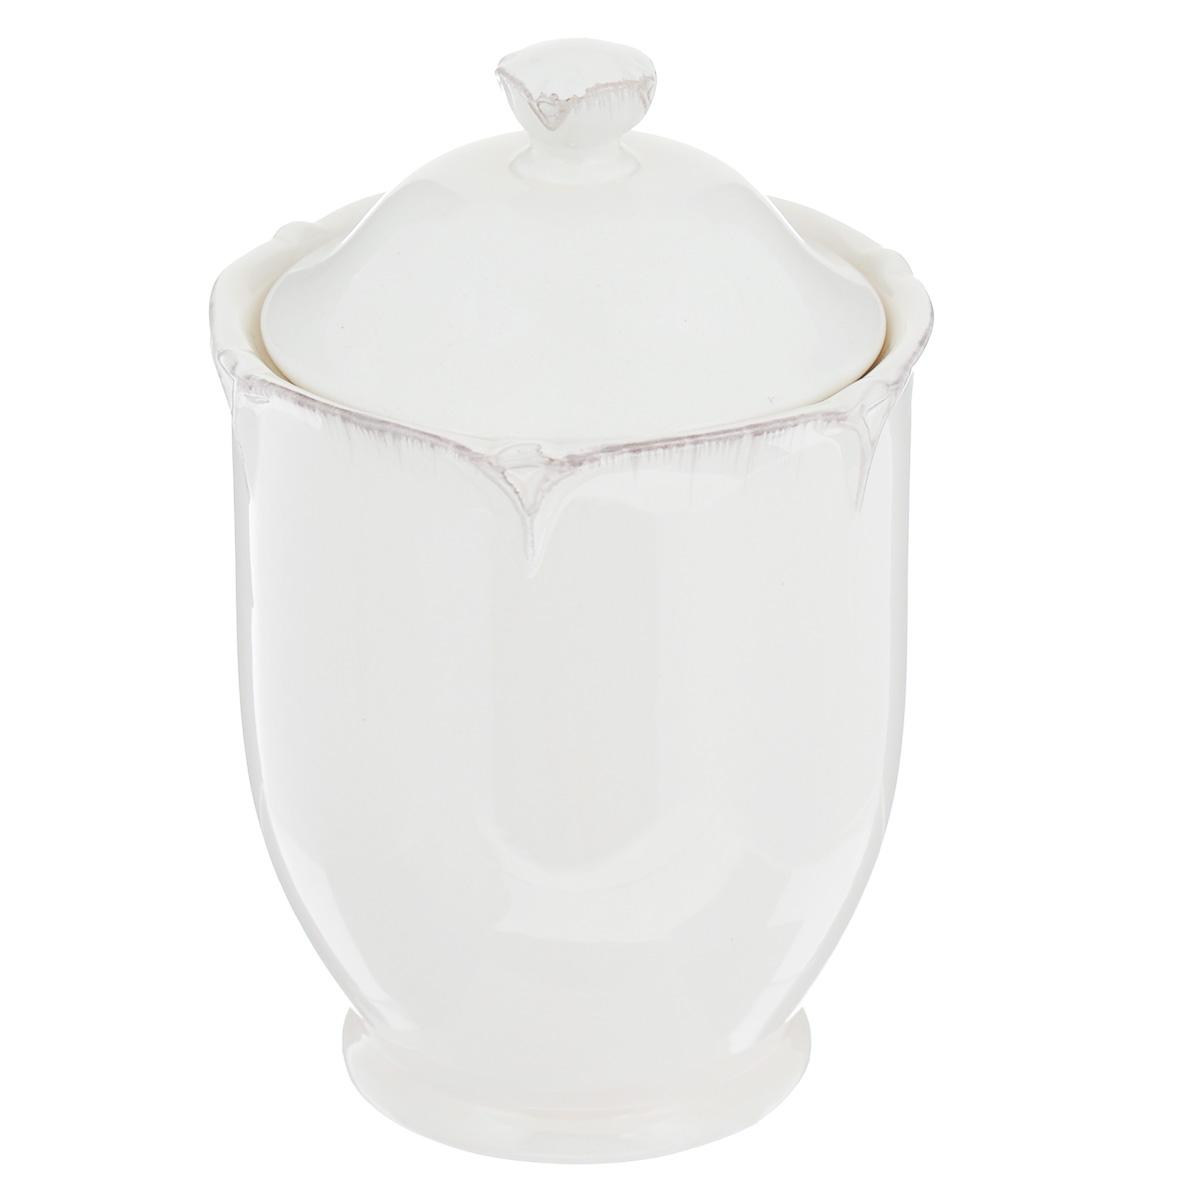 Банка для сыпучих продуктов Lillo Ideal, цвет: молочный, 700 мл емкости неполимерные sestesi банка для сыпучих продуктов с крышкой овощи